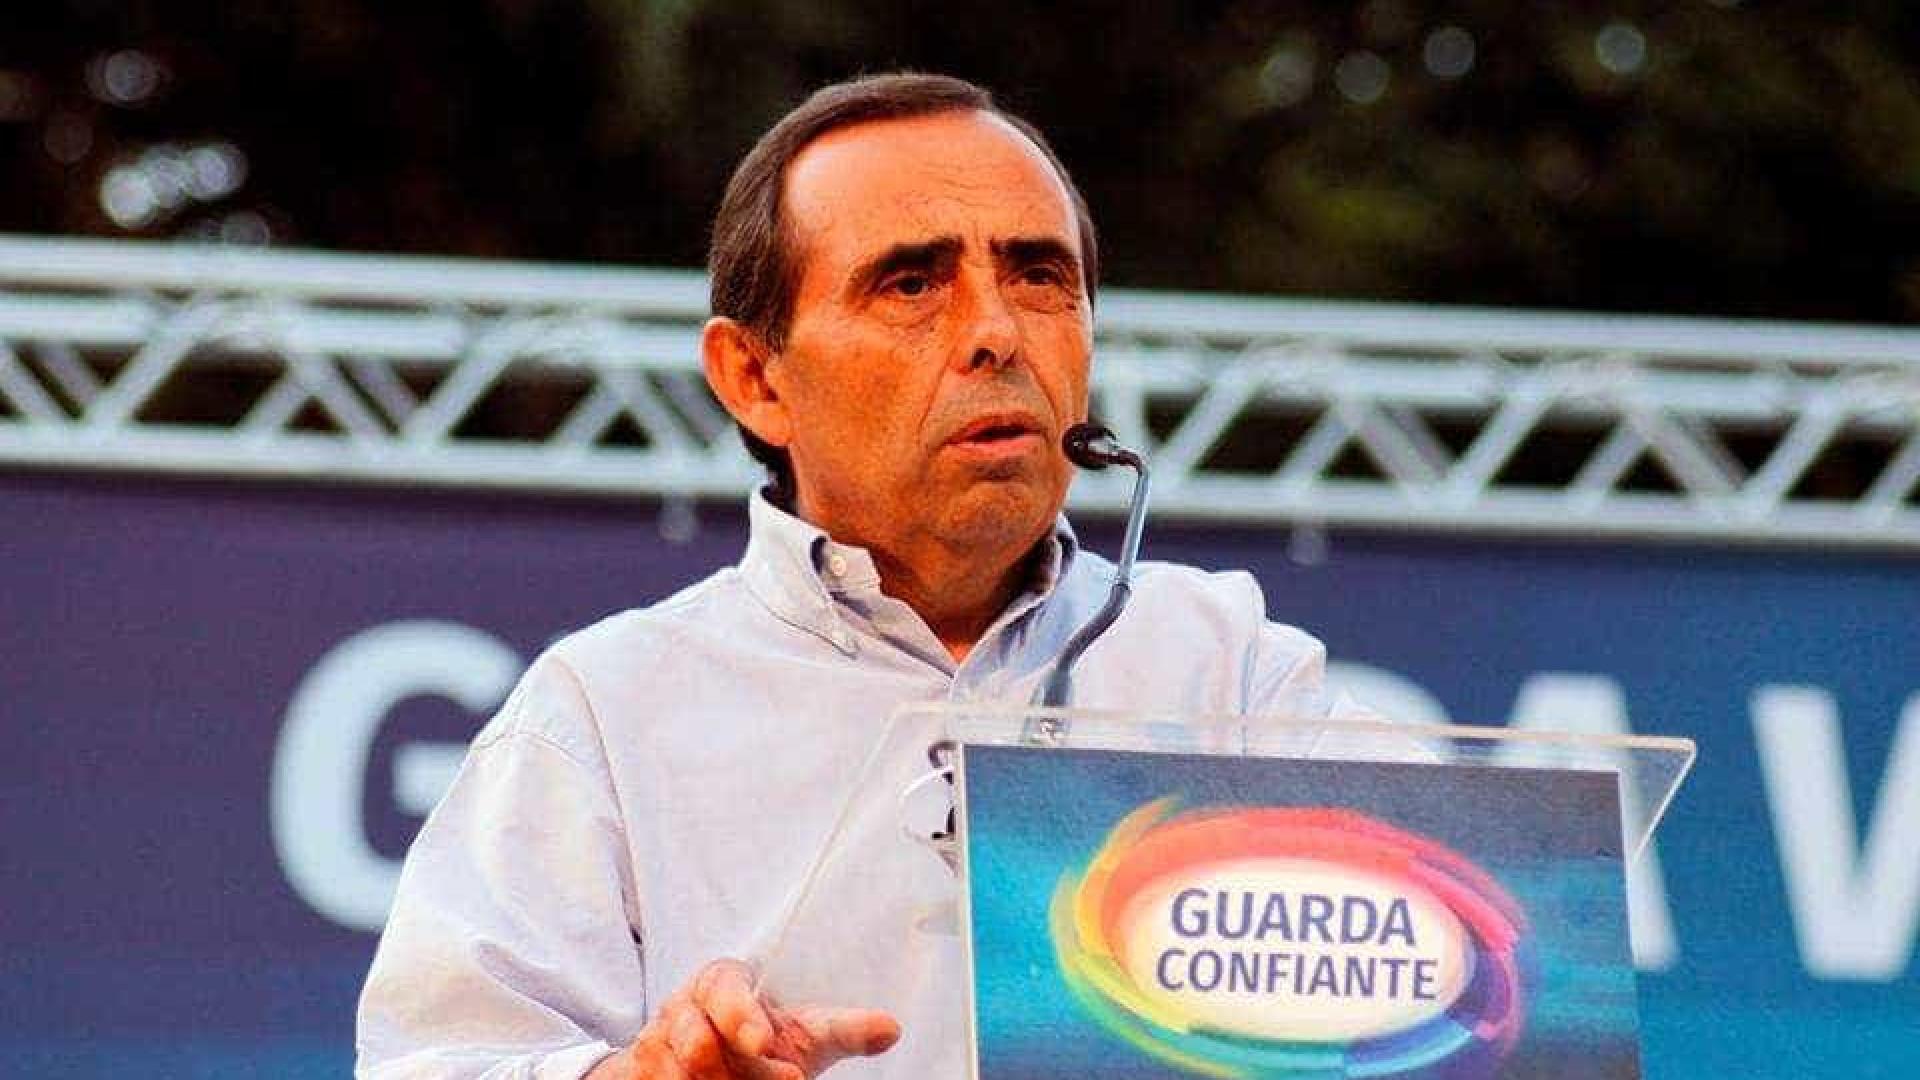 Europeias: Álvaro Amaro suspende mandato na Câmara da Guarda em abril